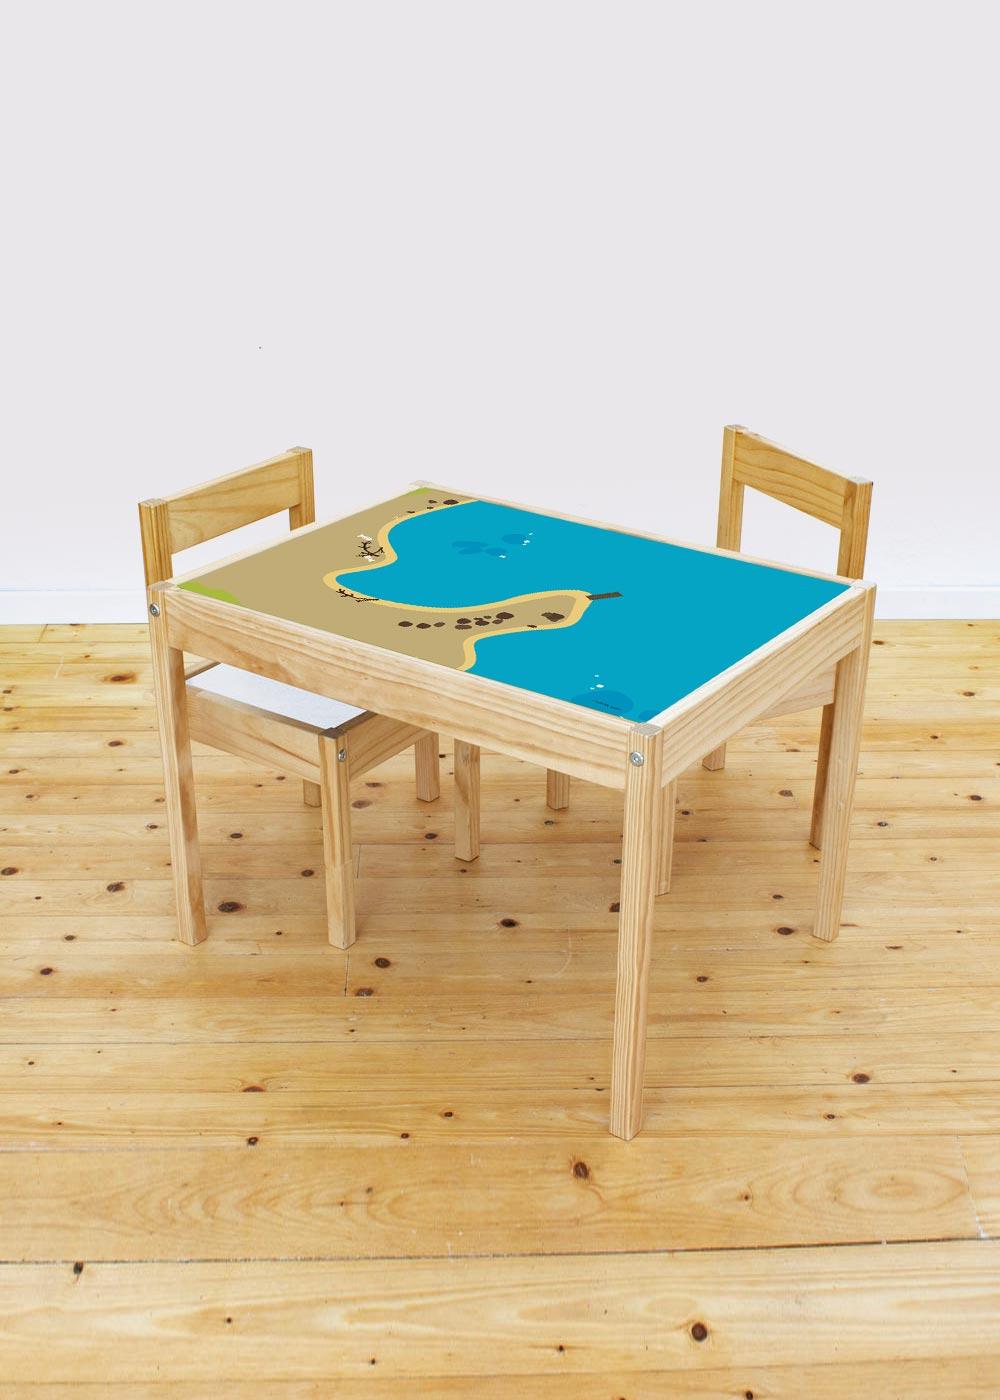 Ikea Lätt Kindertisch Wasserreich Gesamtansicht